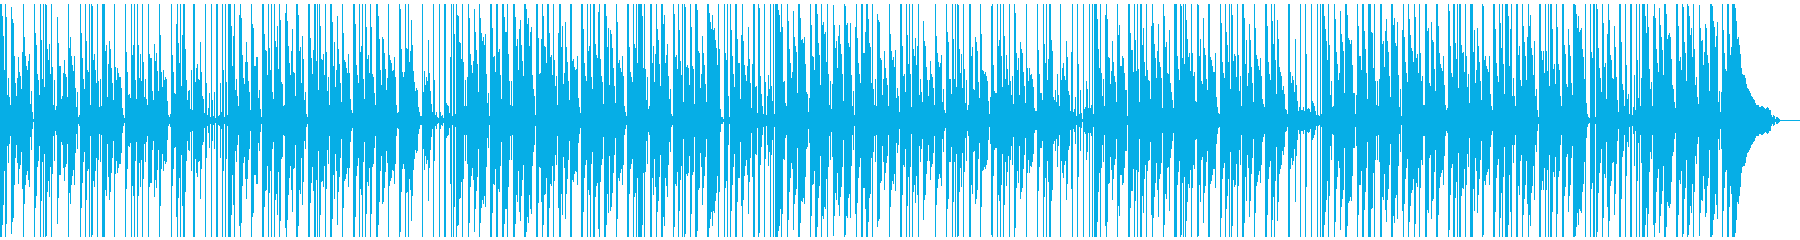 風変わりな、ルーシーな楽器のキュー...の再生済みの波形